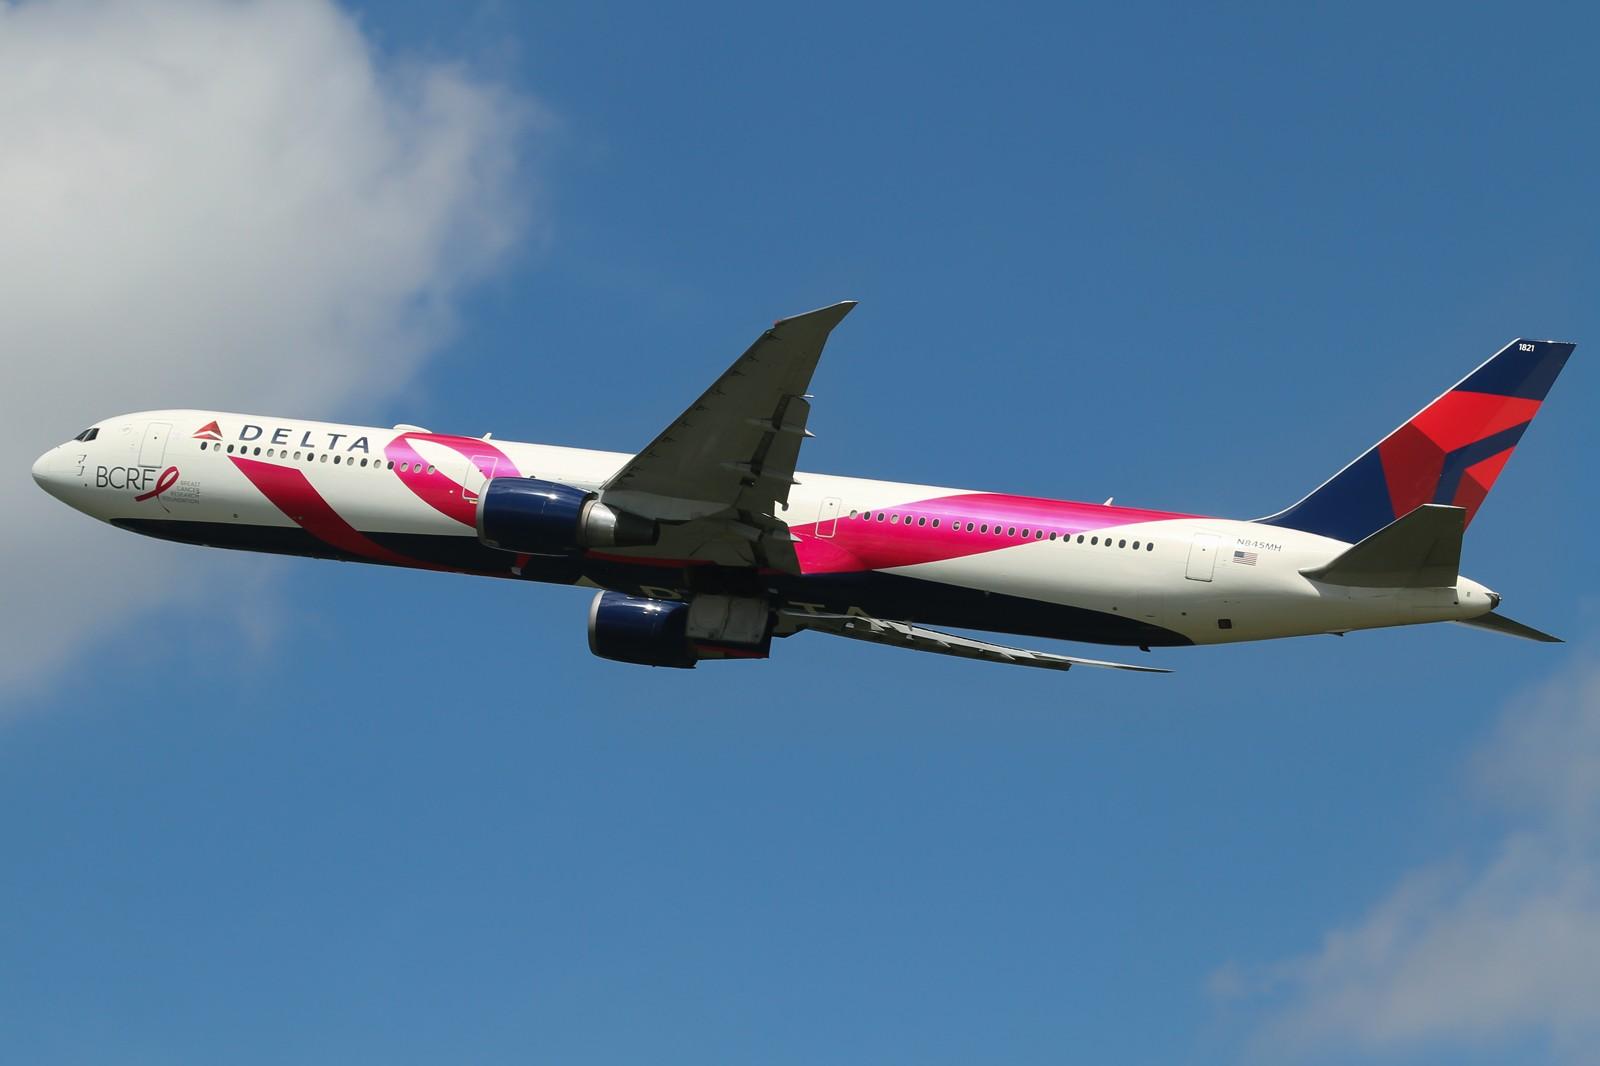 Re:[原创]【NKG/LHR/LCY/FFD/FAB/MAN/FRA/KIX】暑期临近尾声,大不列颠/霓虹流窜记回顾总结 BOEING 767-400ER N845MH 英国伦敦希思罗机场